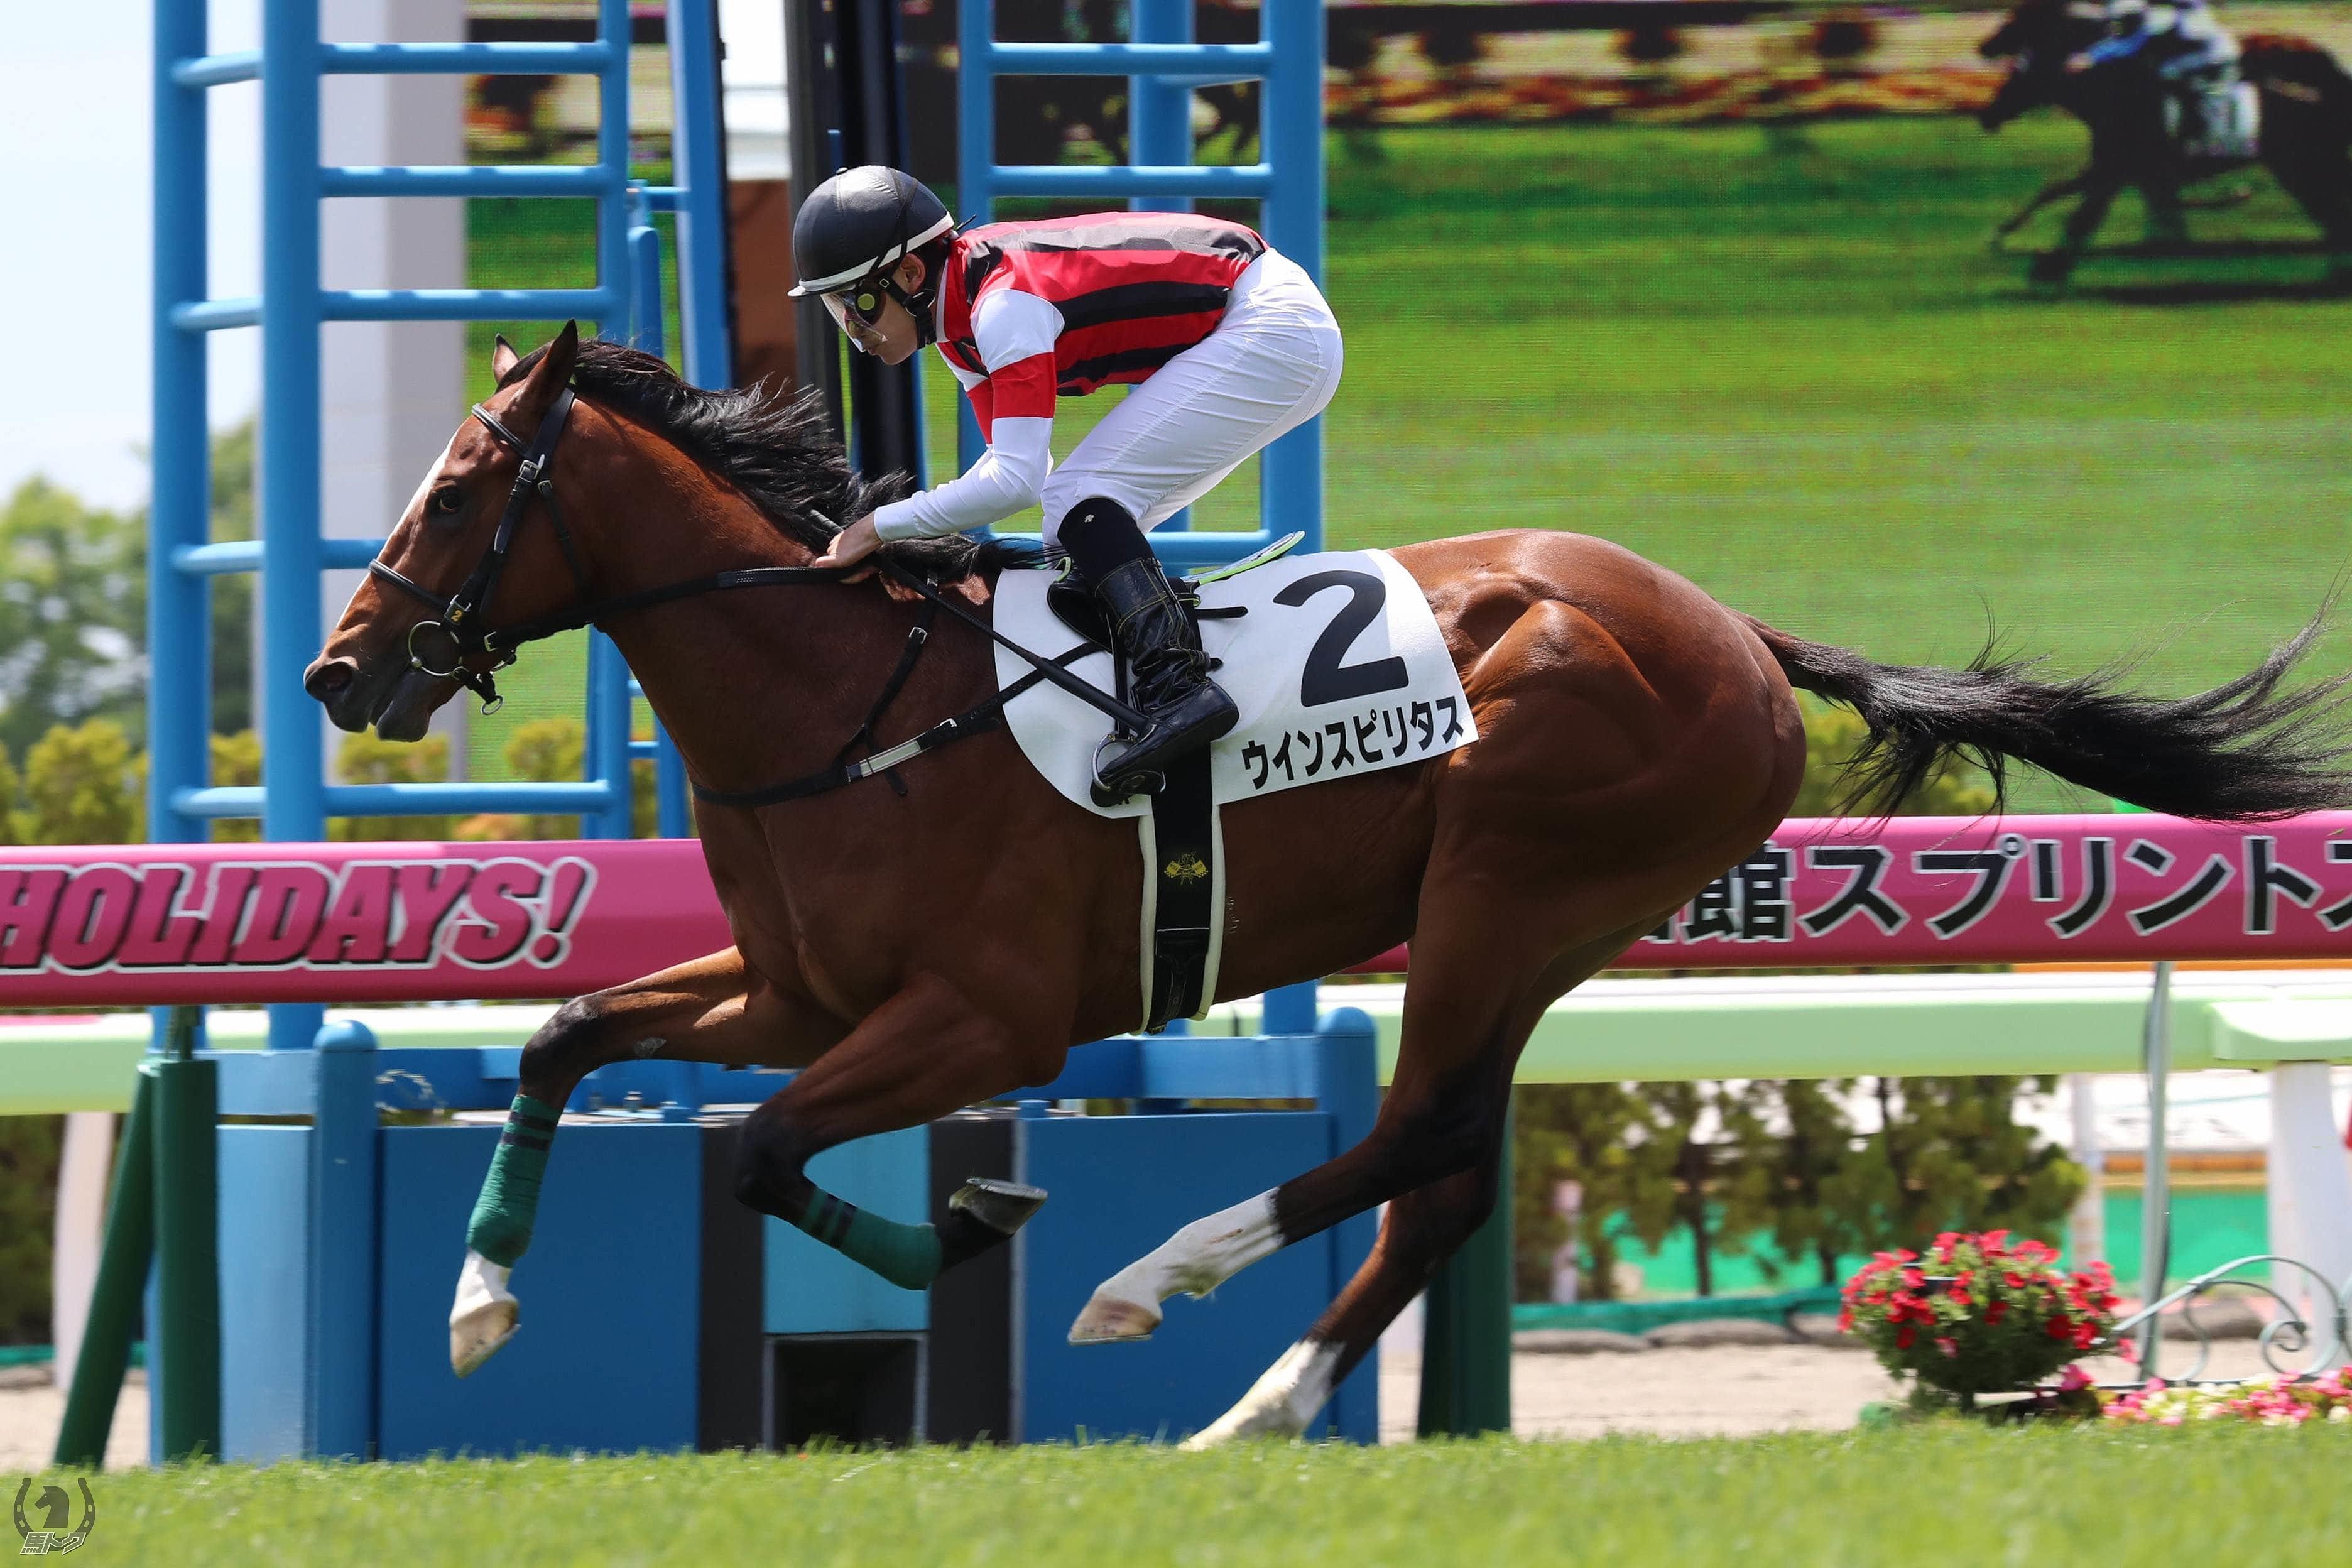 ウインスピリタスの馬体写真